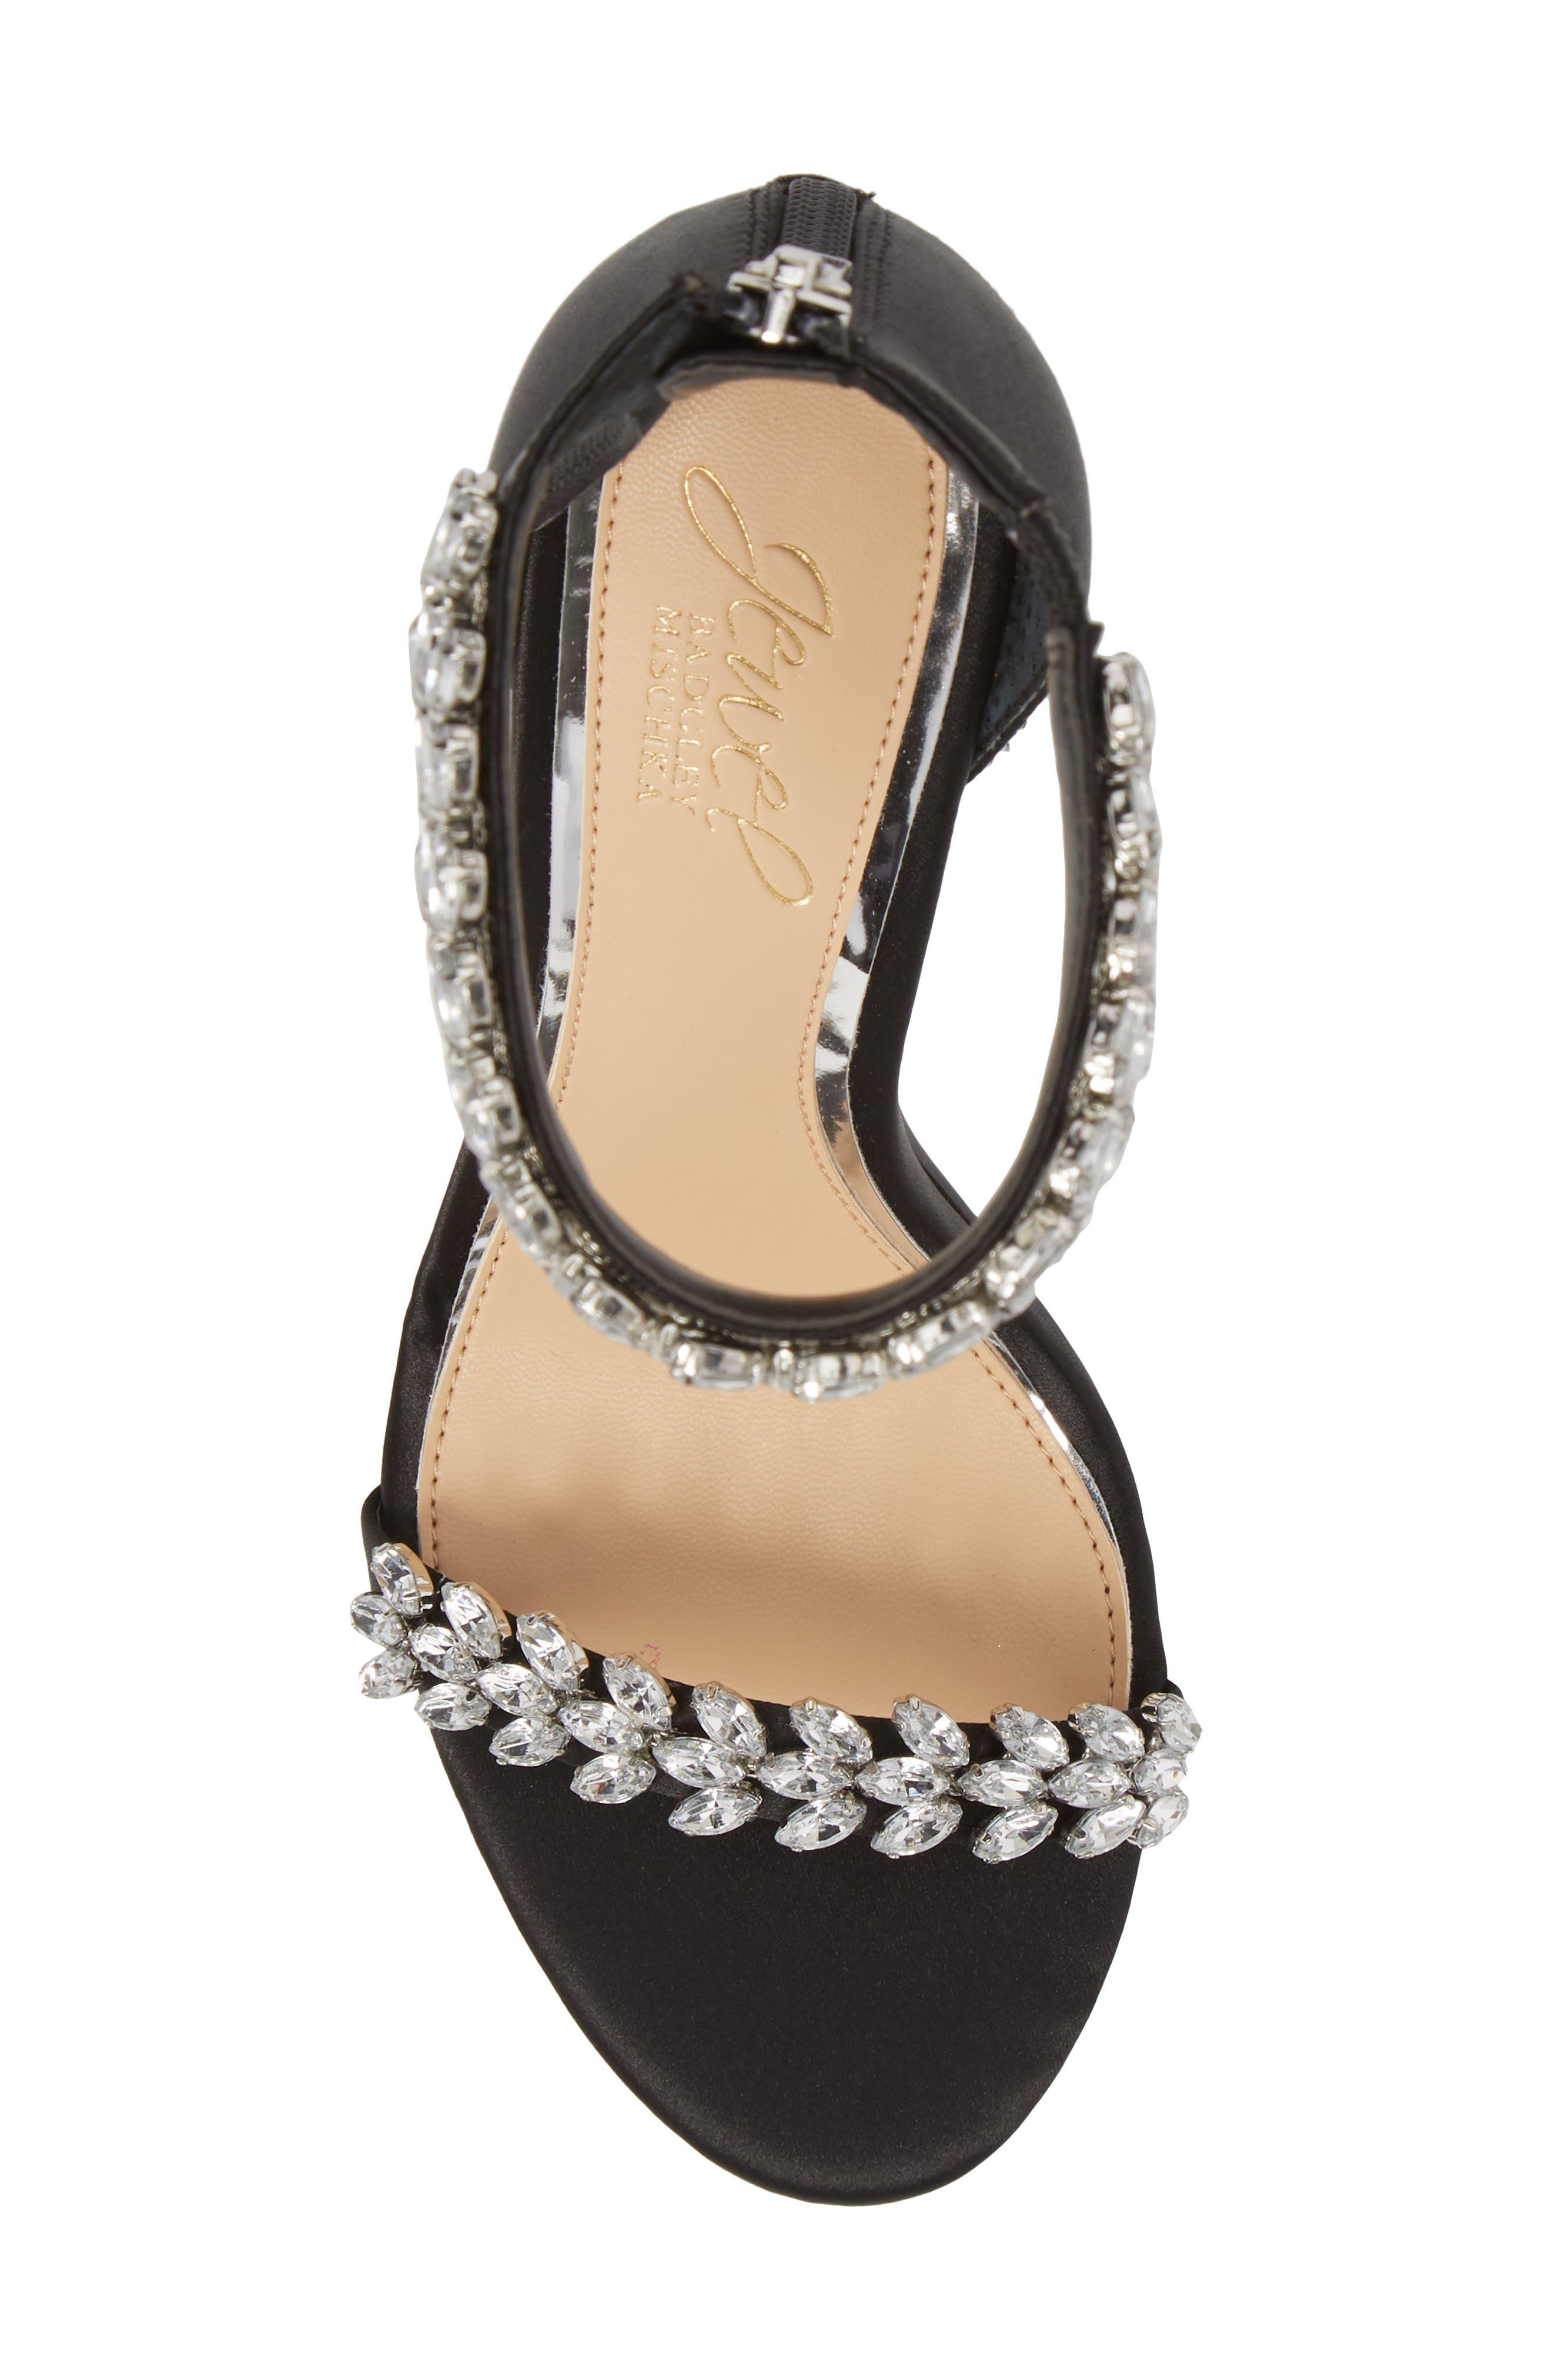 JEWEL BADGLEY MISCHKA,                             Jewel by Badgley Mischka Mayra Embellished Ankle Strap Sandal,                             Alternate thumbnail 5, color,                             BLACK SATIN